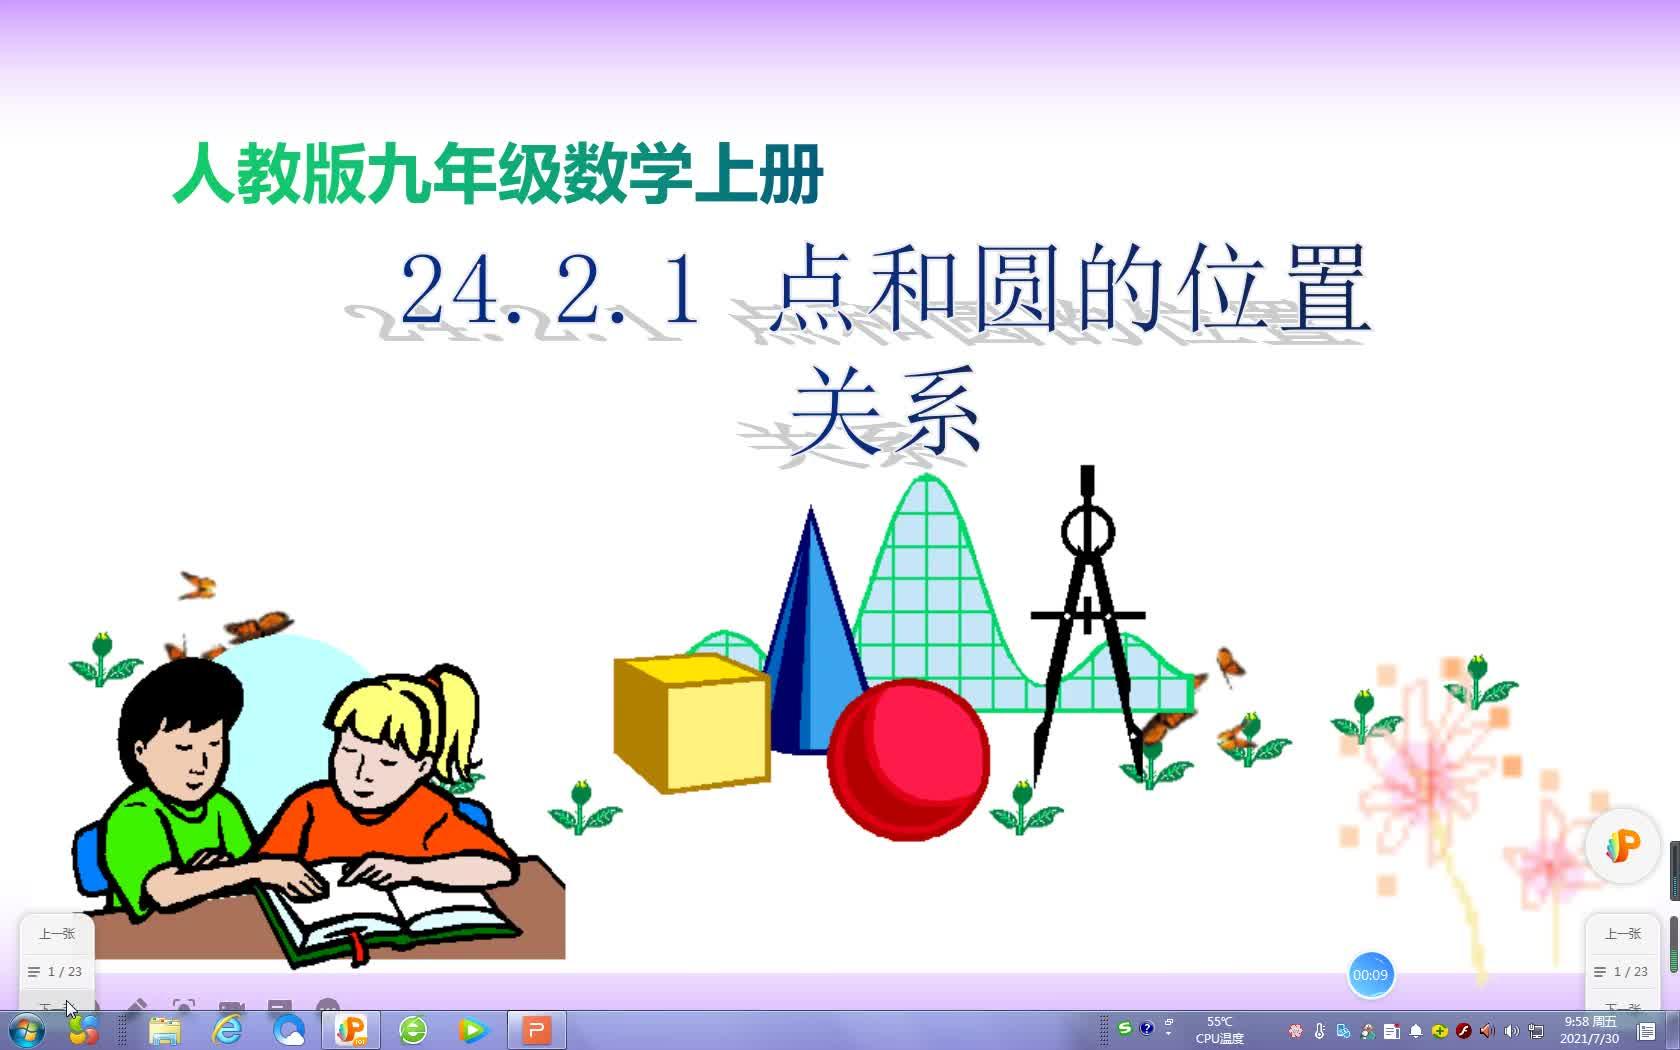 24.2.1点和圆的位置 关系视频微课 2021--2022学年人教版数学九年级上册